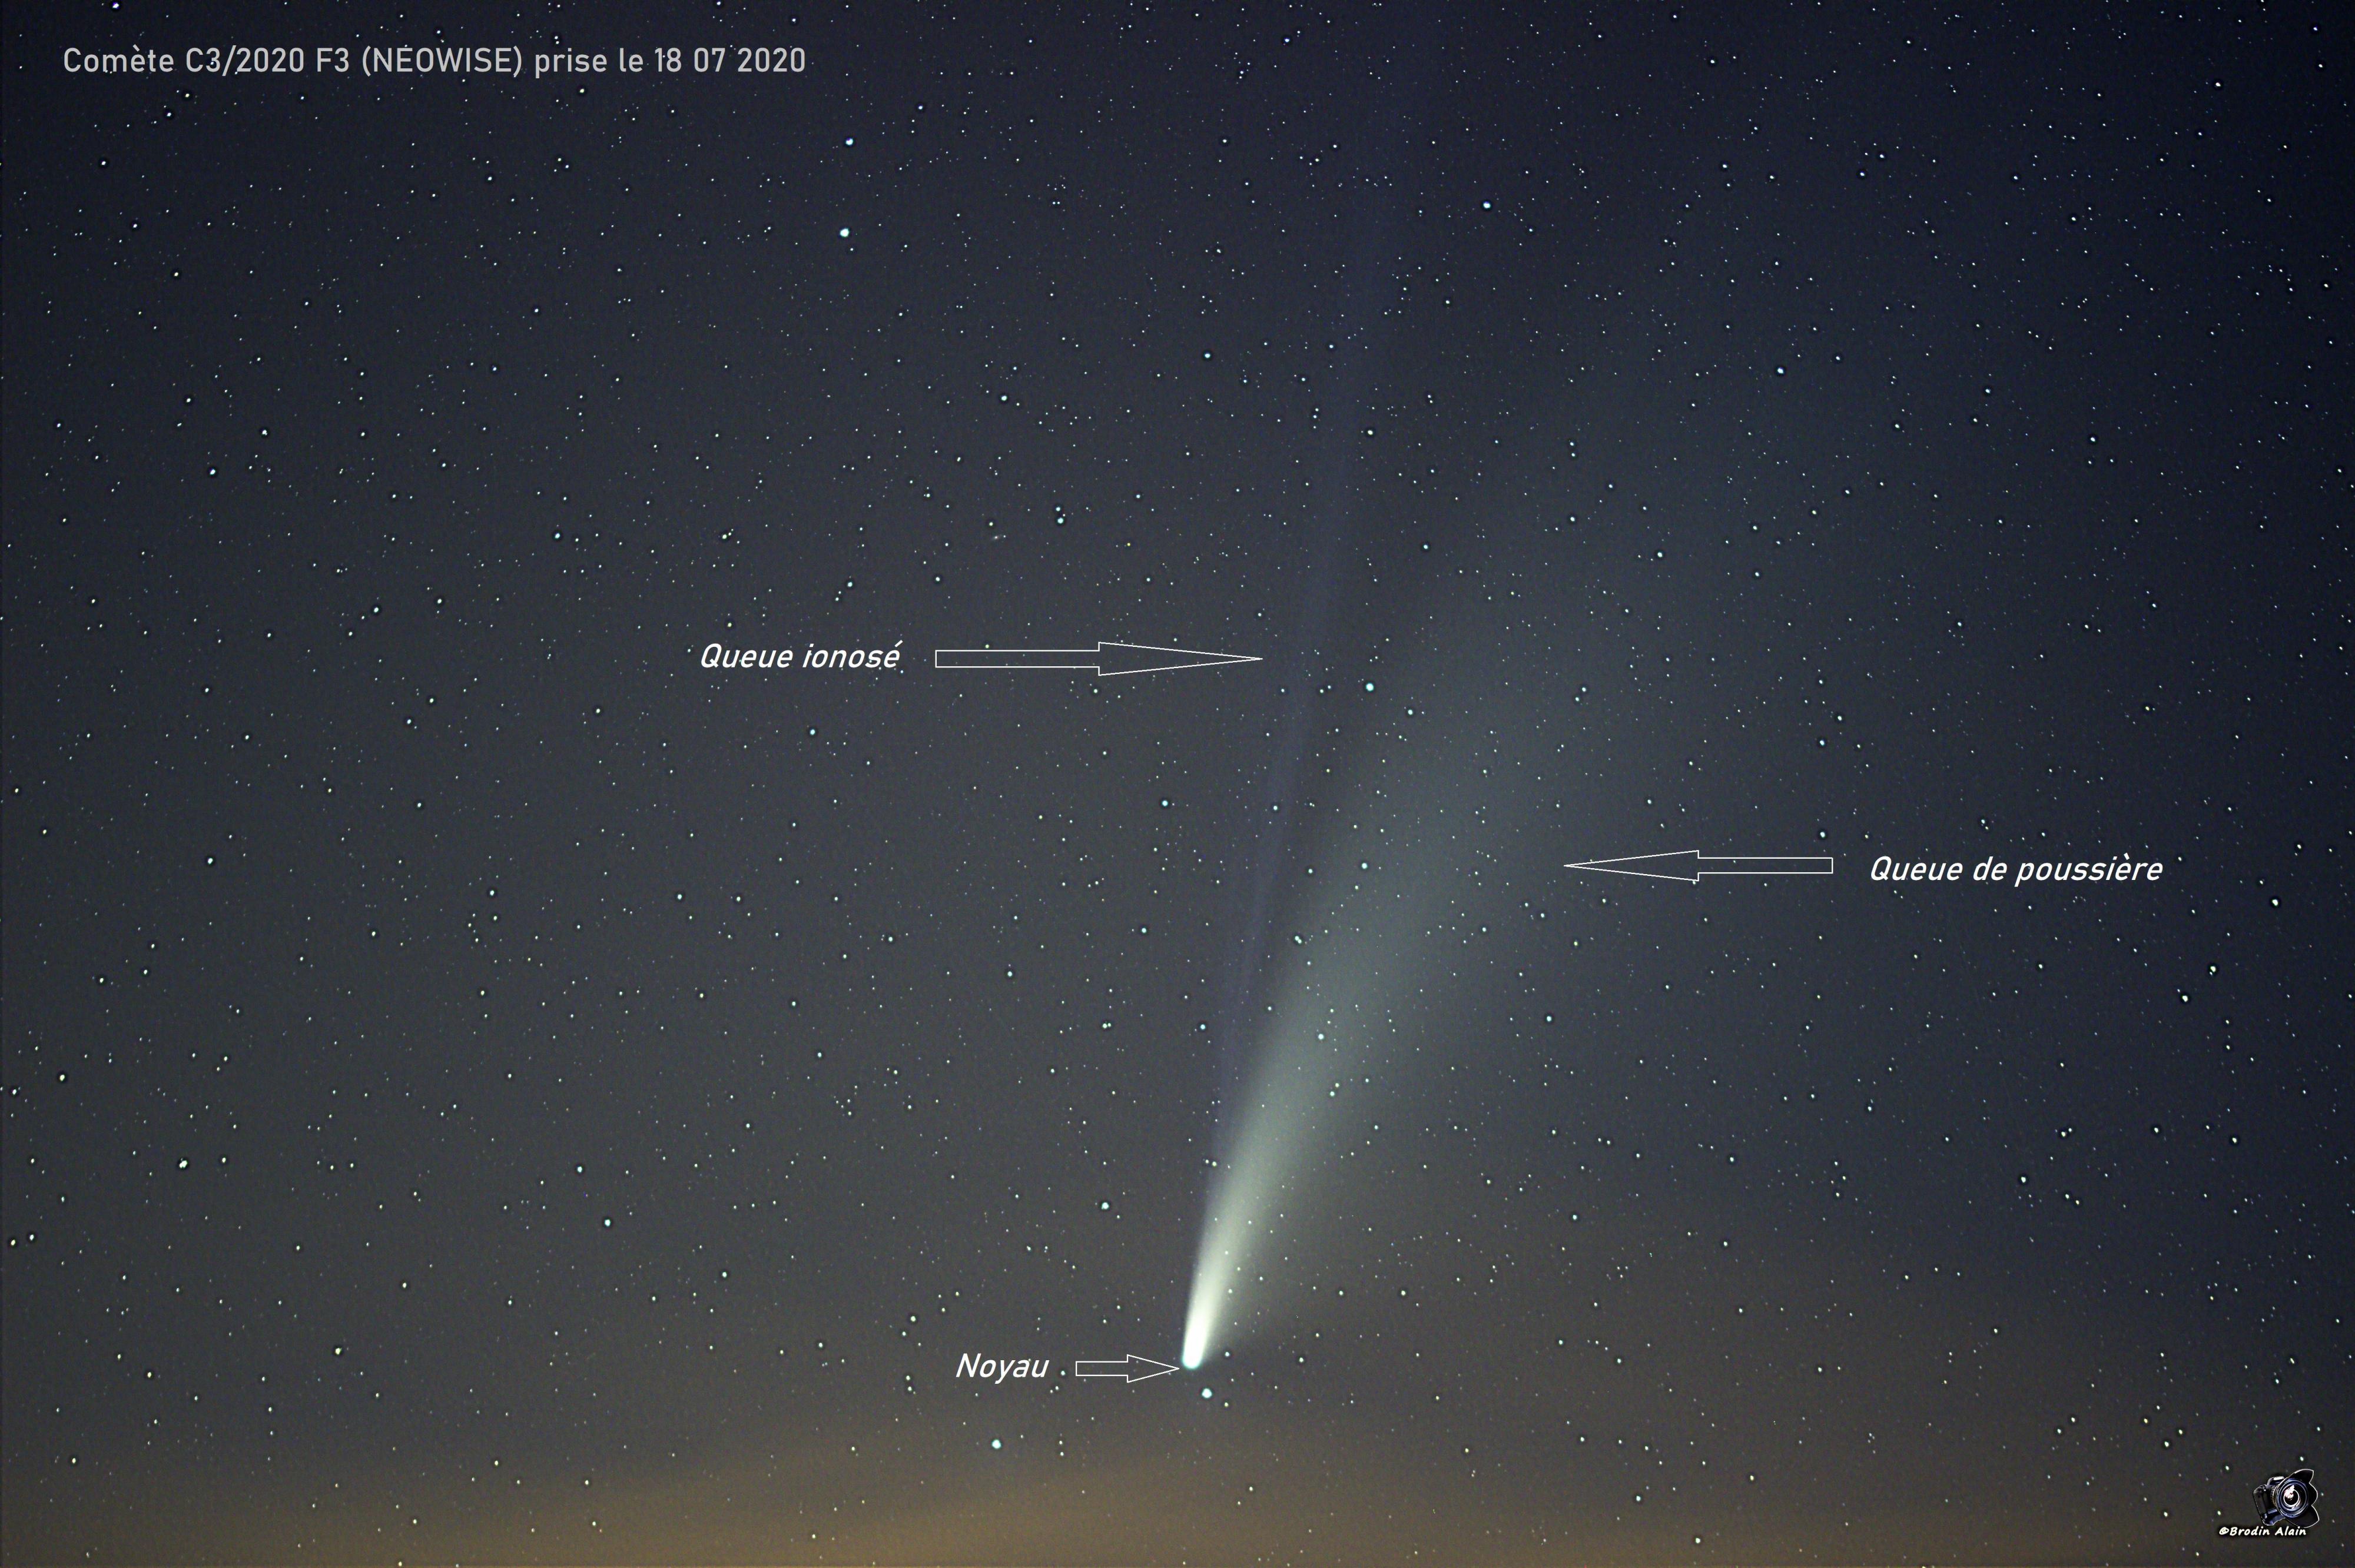 comete refait sequator 18 07 2020 nom queue.jpg